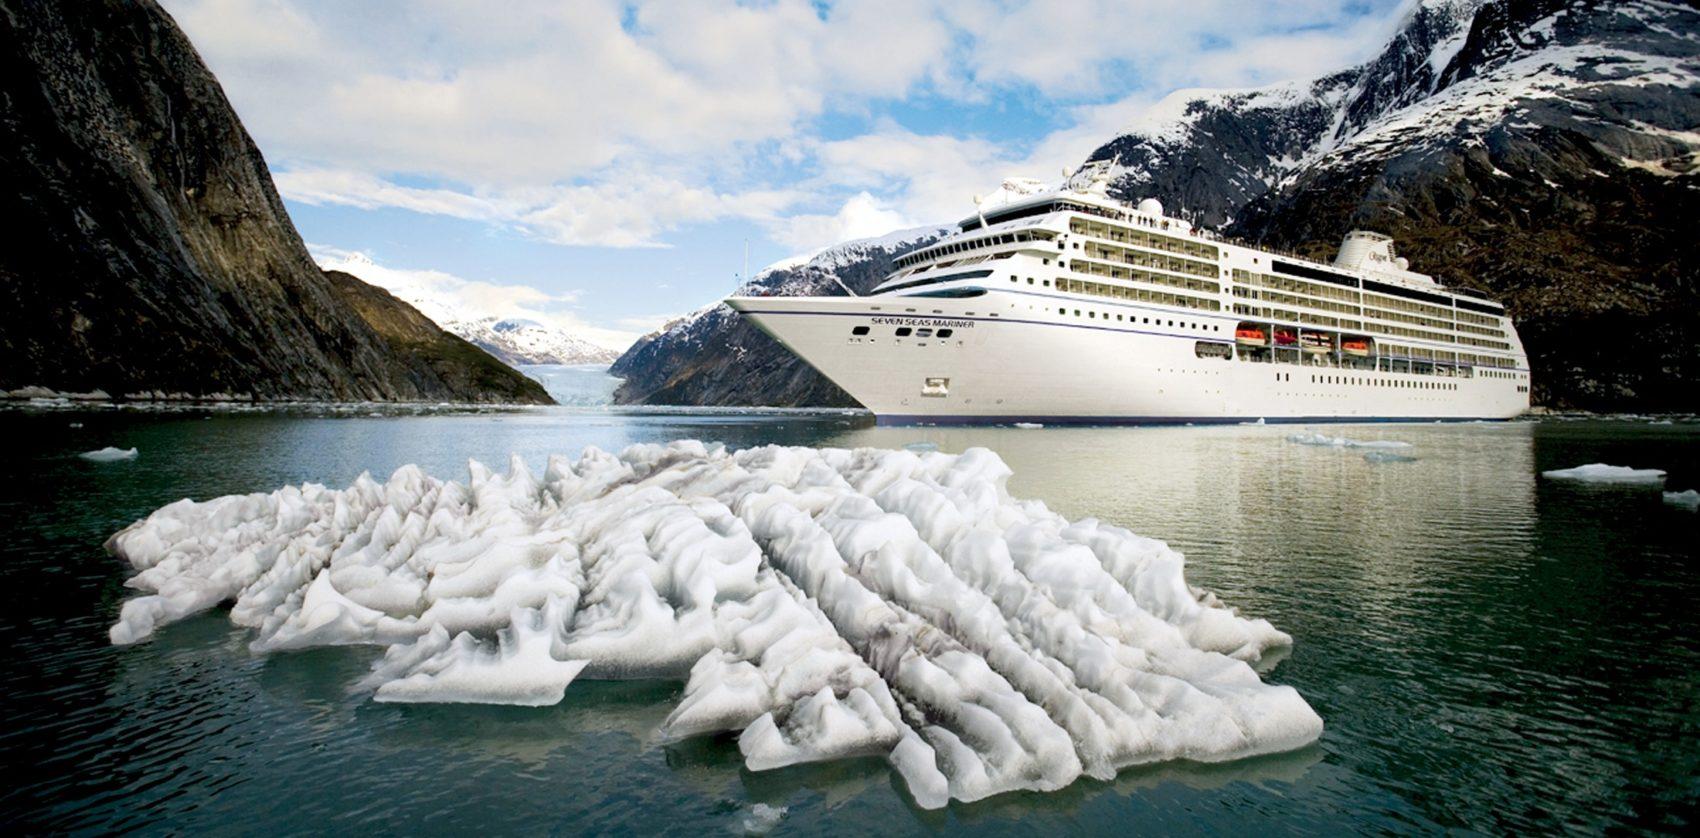 Regent Cruise Ship in Alaska